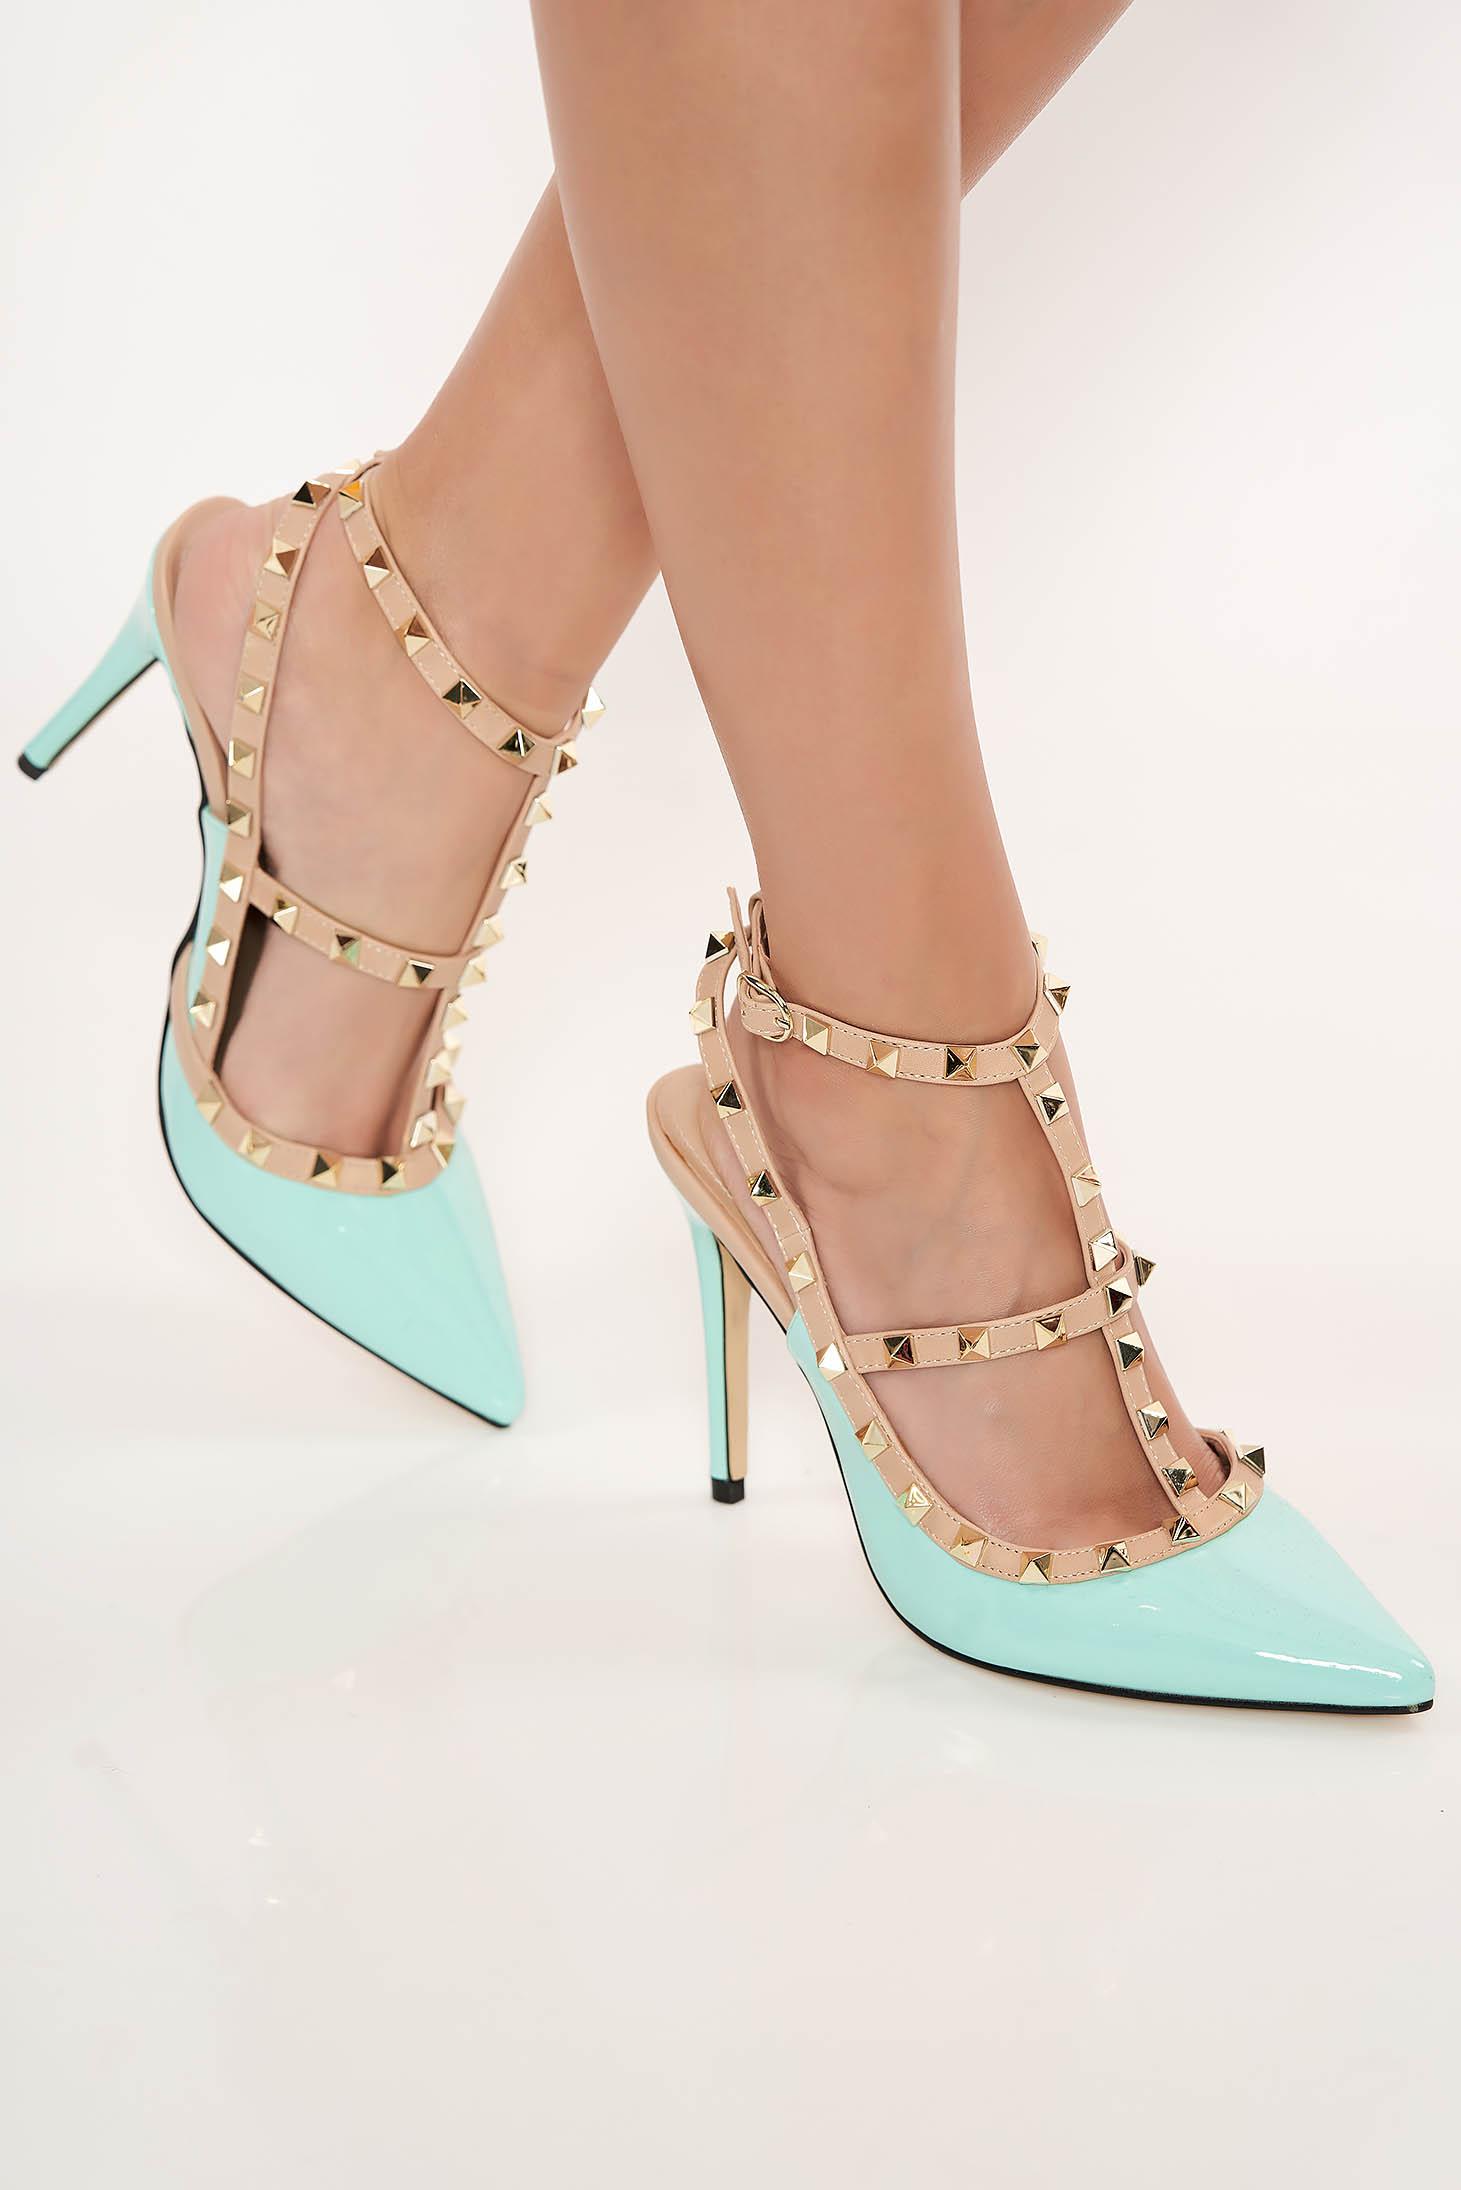 Pantofi stiletto mint cu toc inalt din piele ecologica lacuita cu tinte metalice